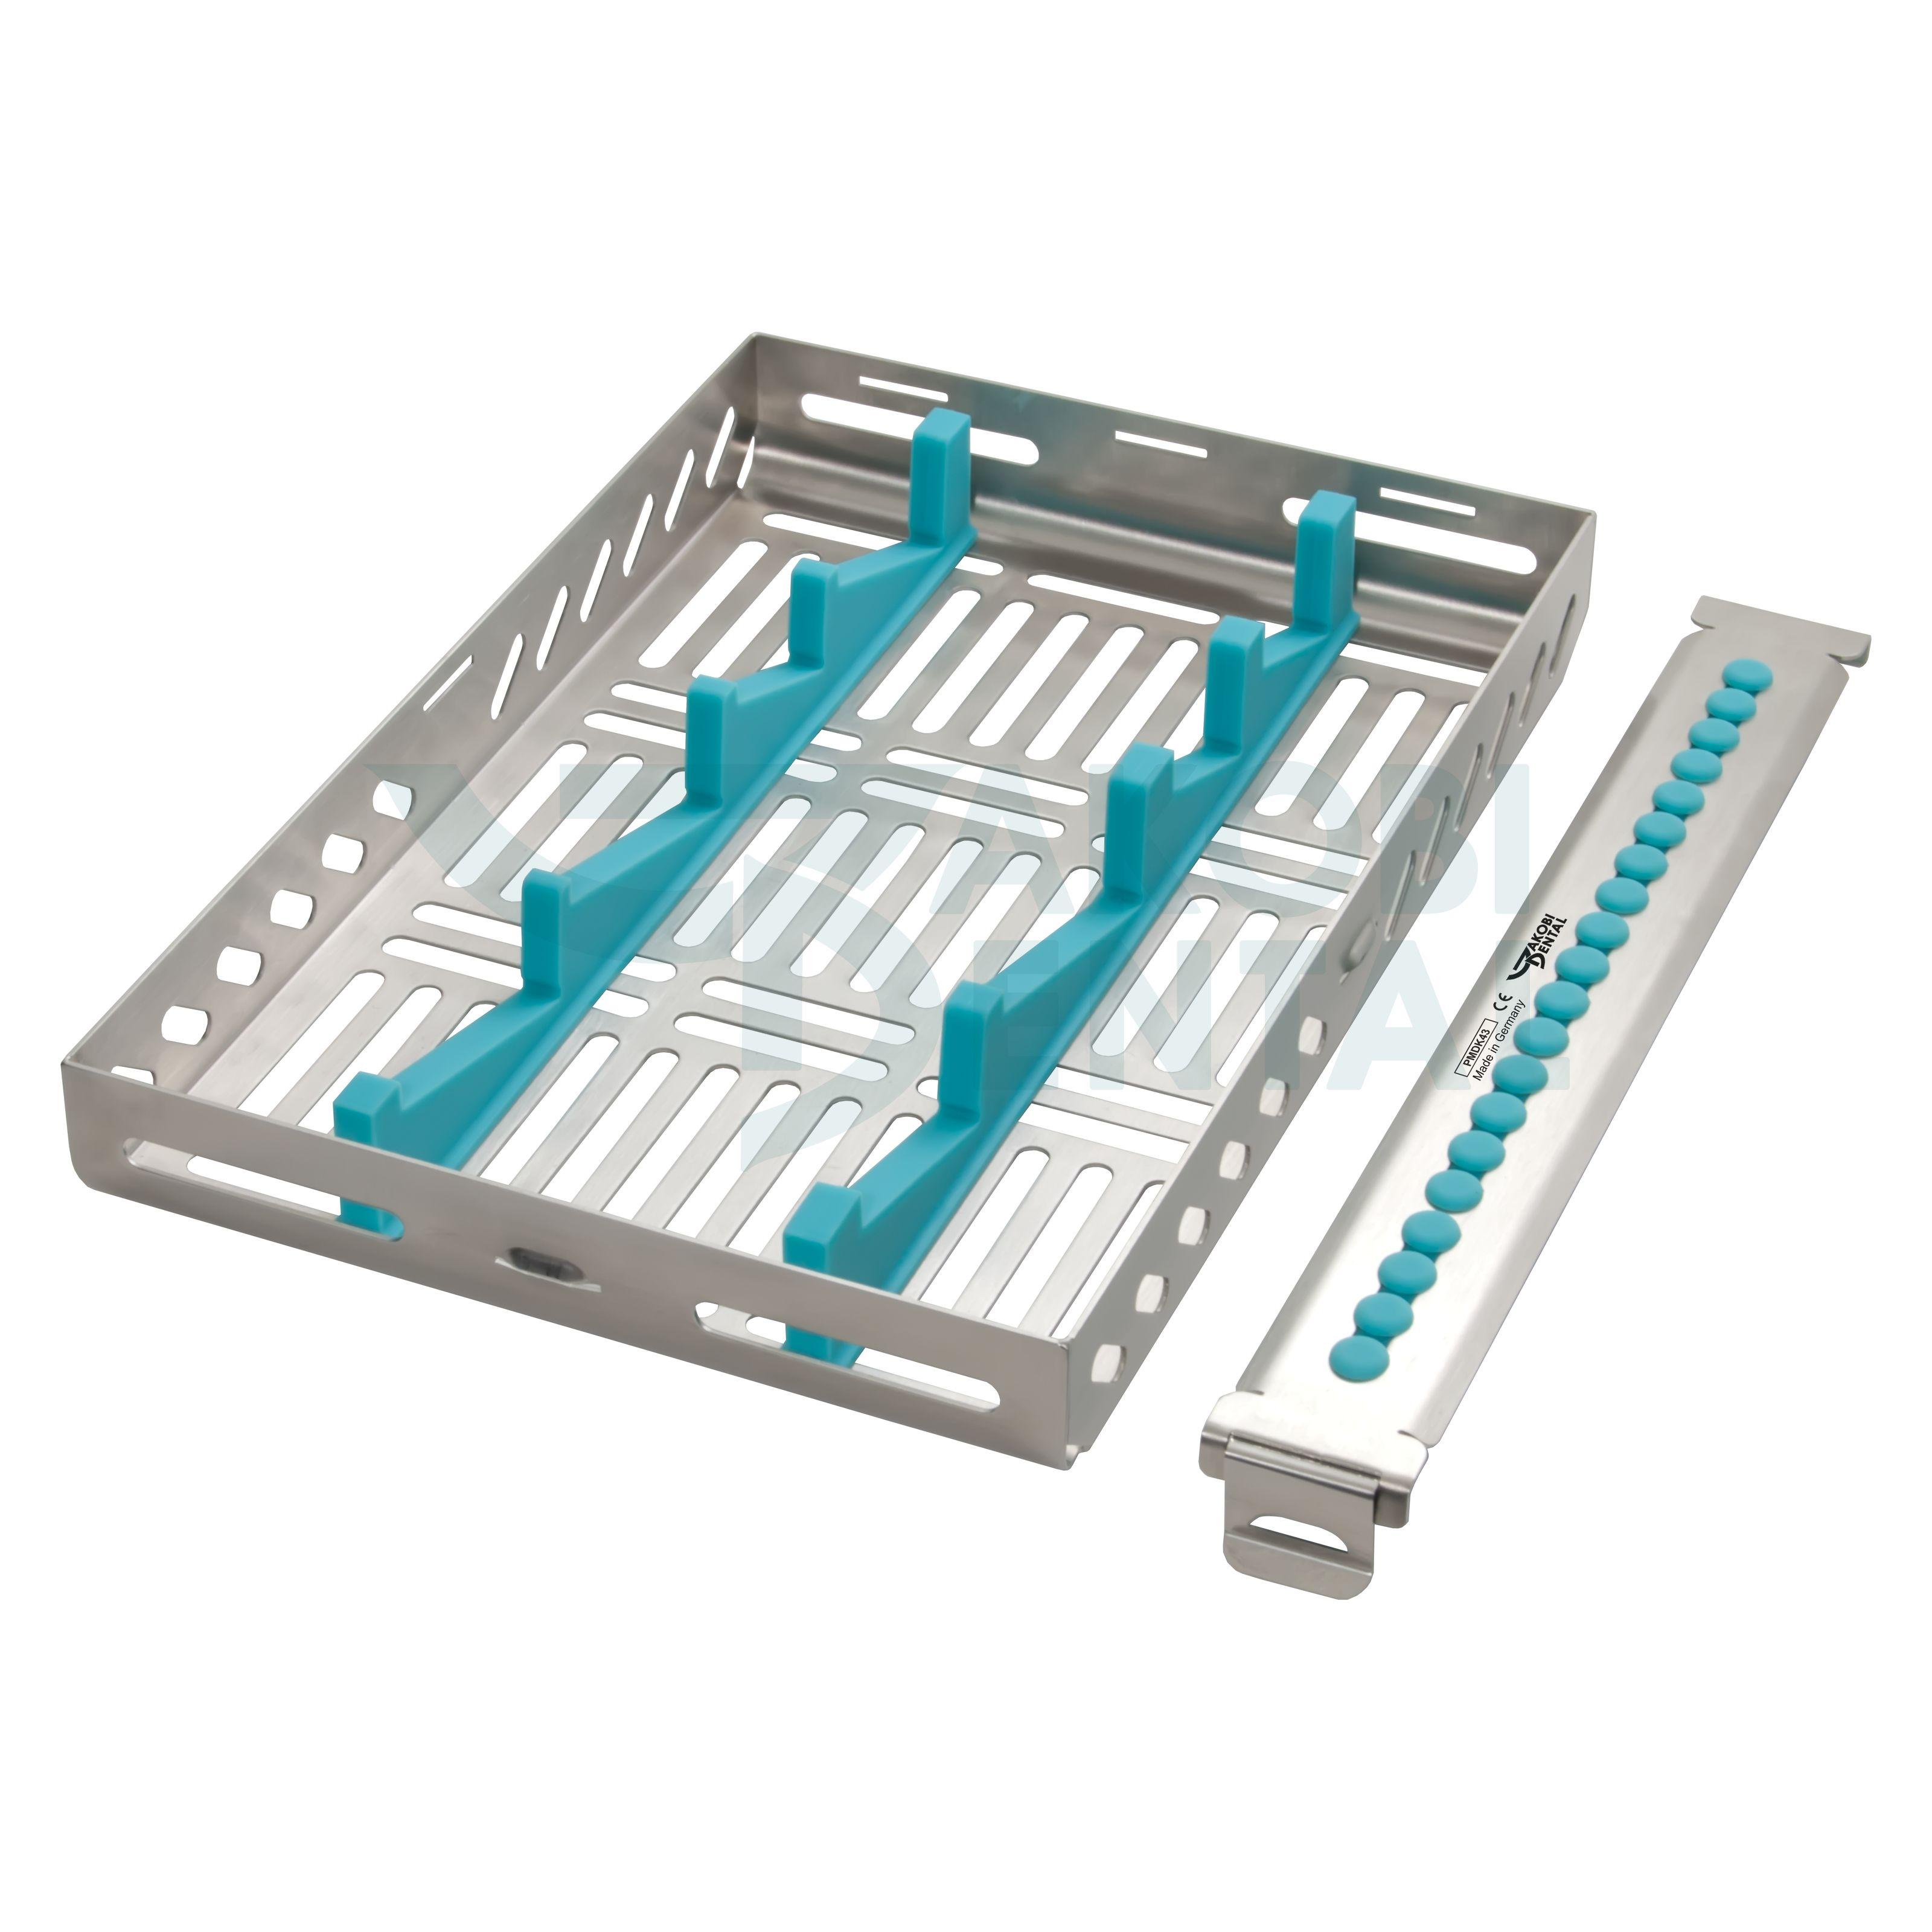 Fotospiegel-Kassette, DIN-Größe, für 4 Fotospiegel, chirurgischer Edelstahl